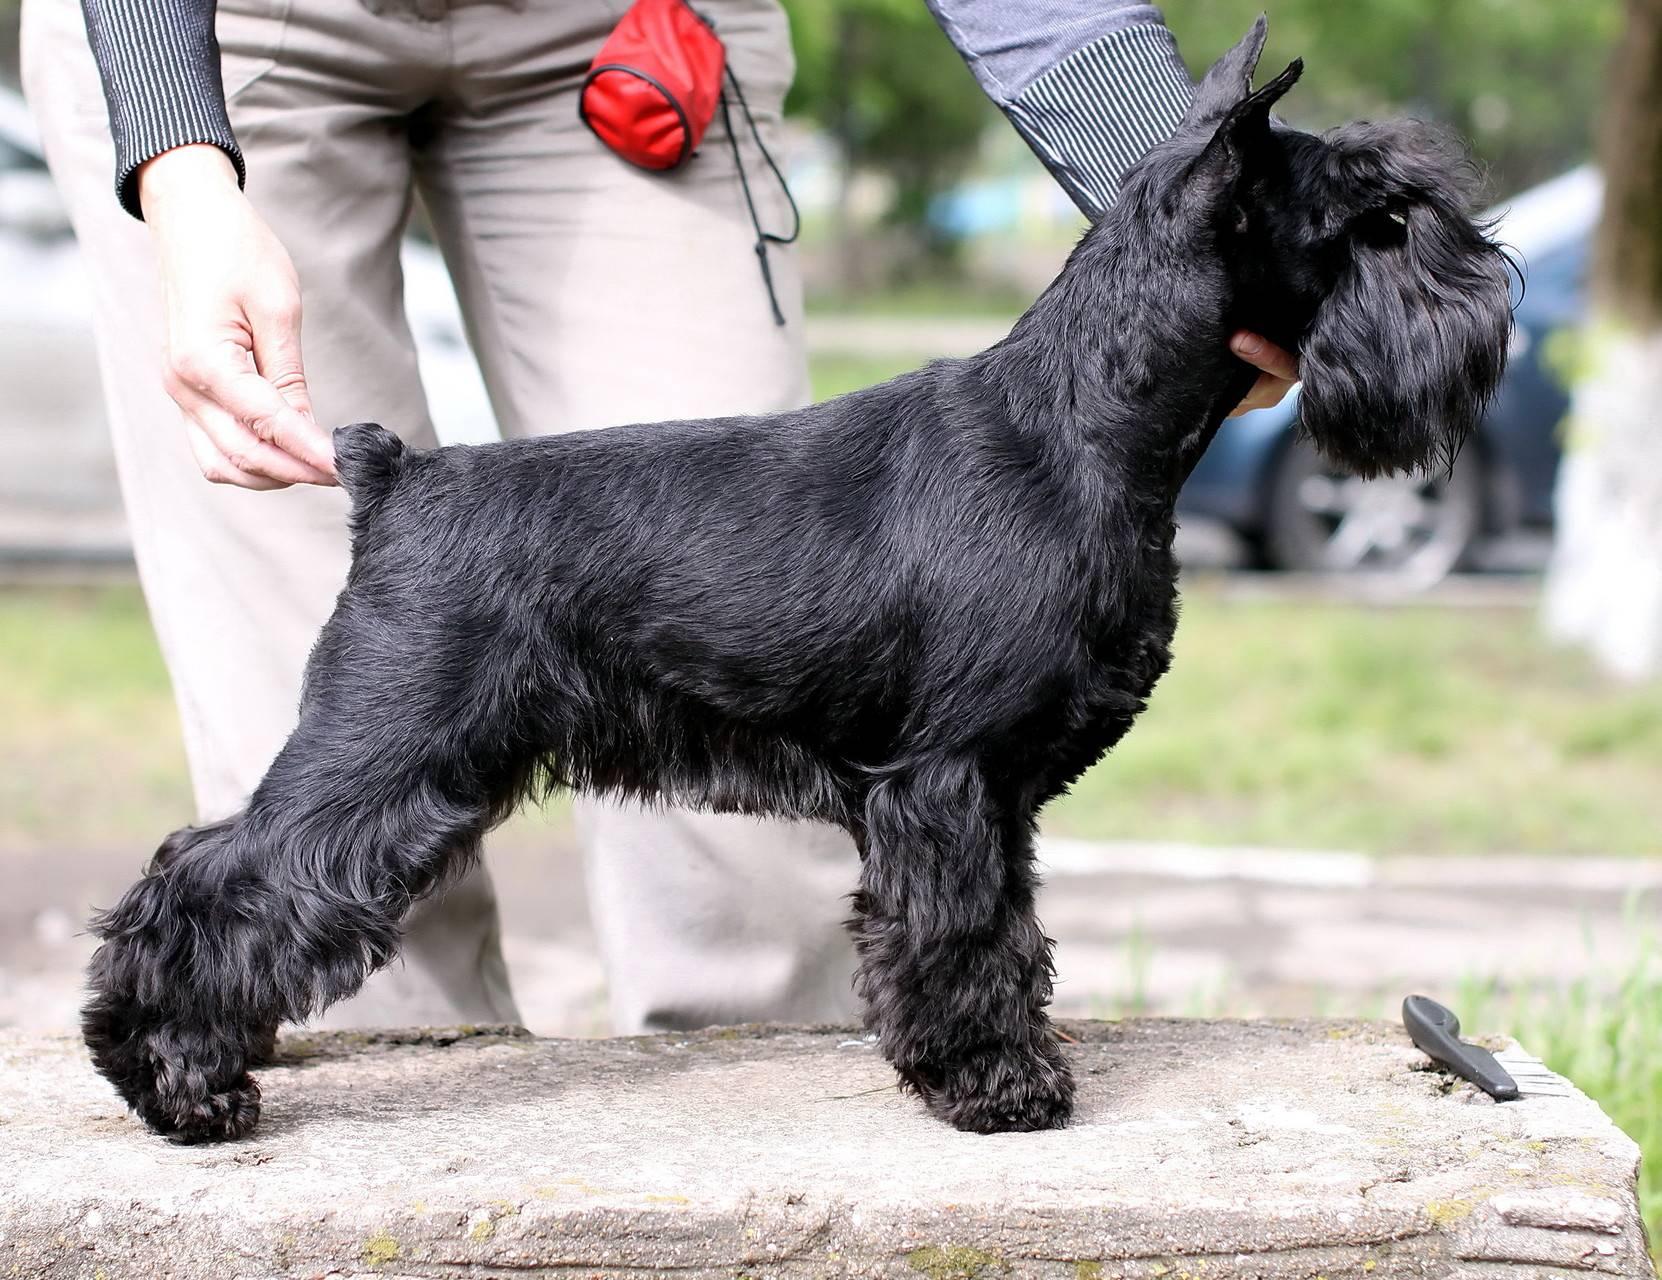 Цвергшнауцер — самая маленькая служебная порода собак